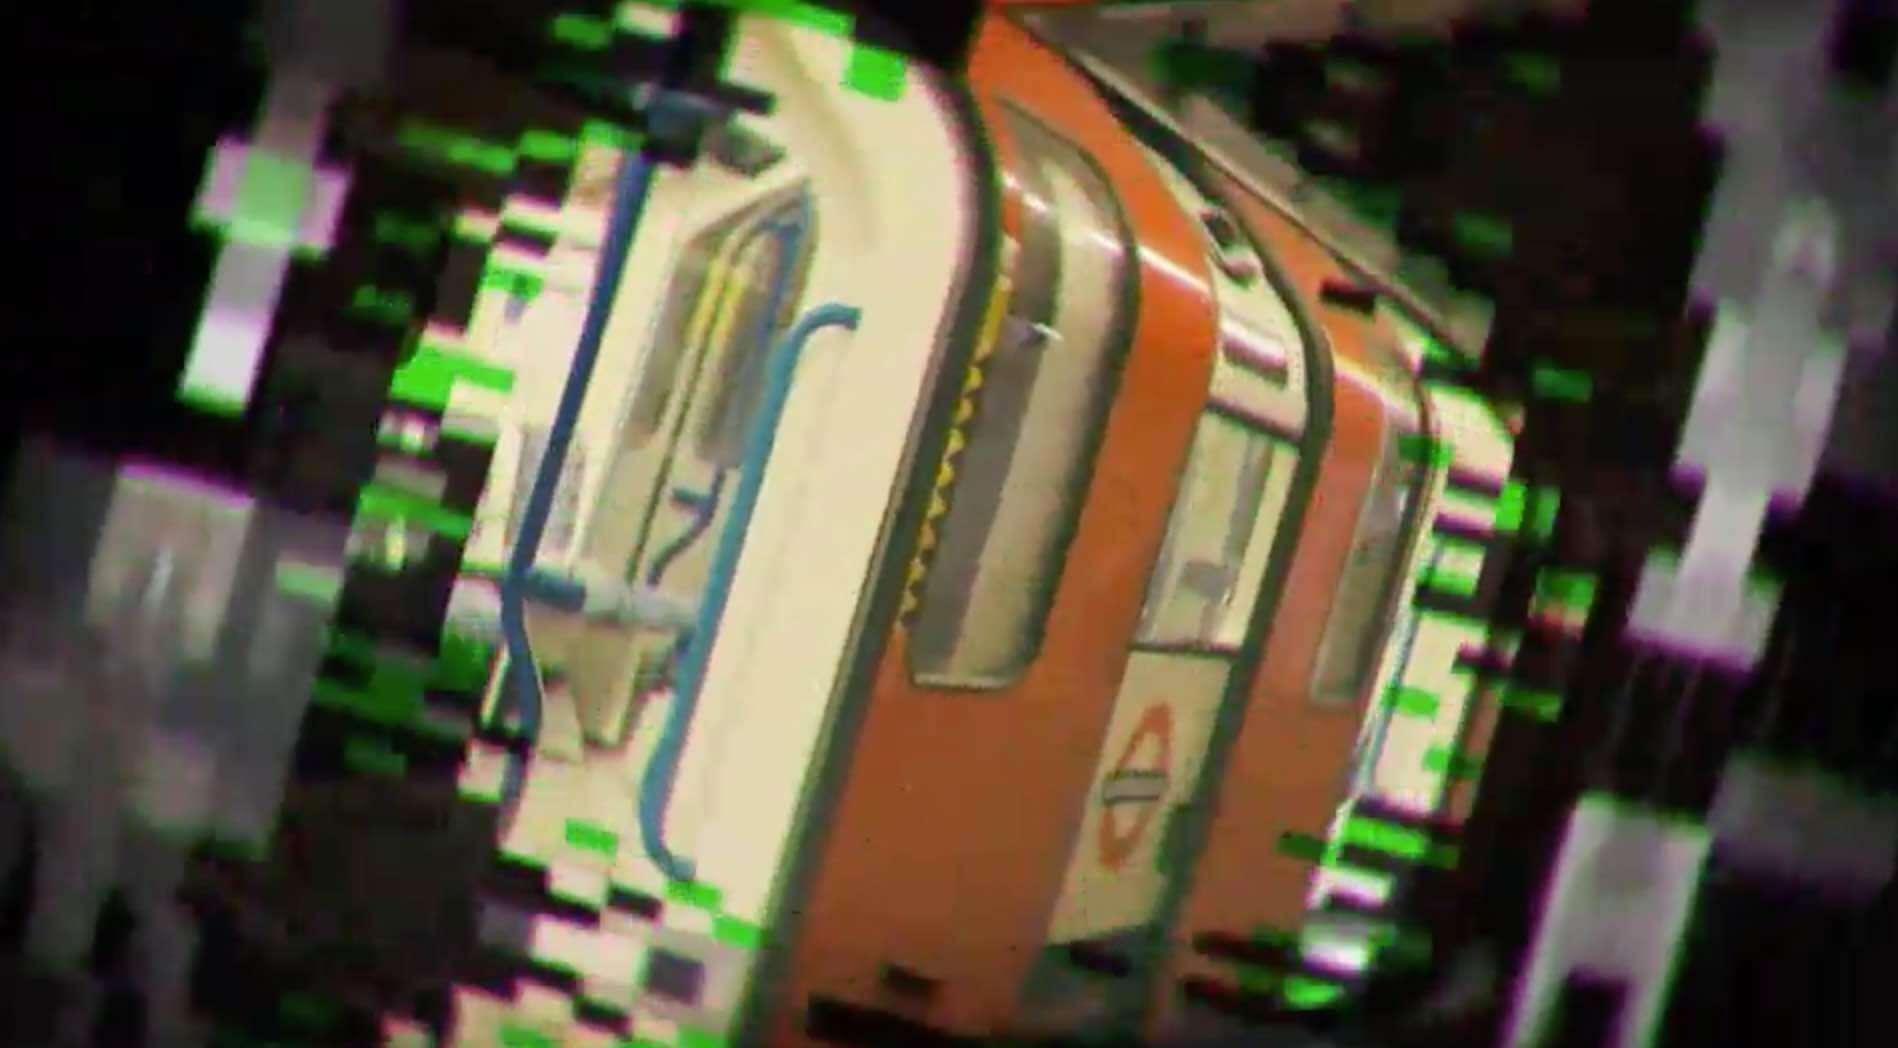 AE模板-像素小故障图片展示插图